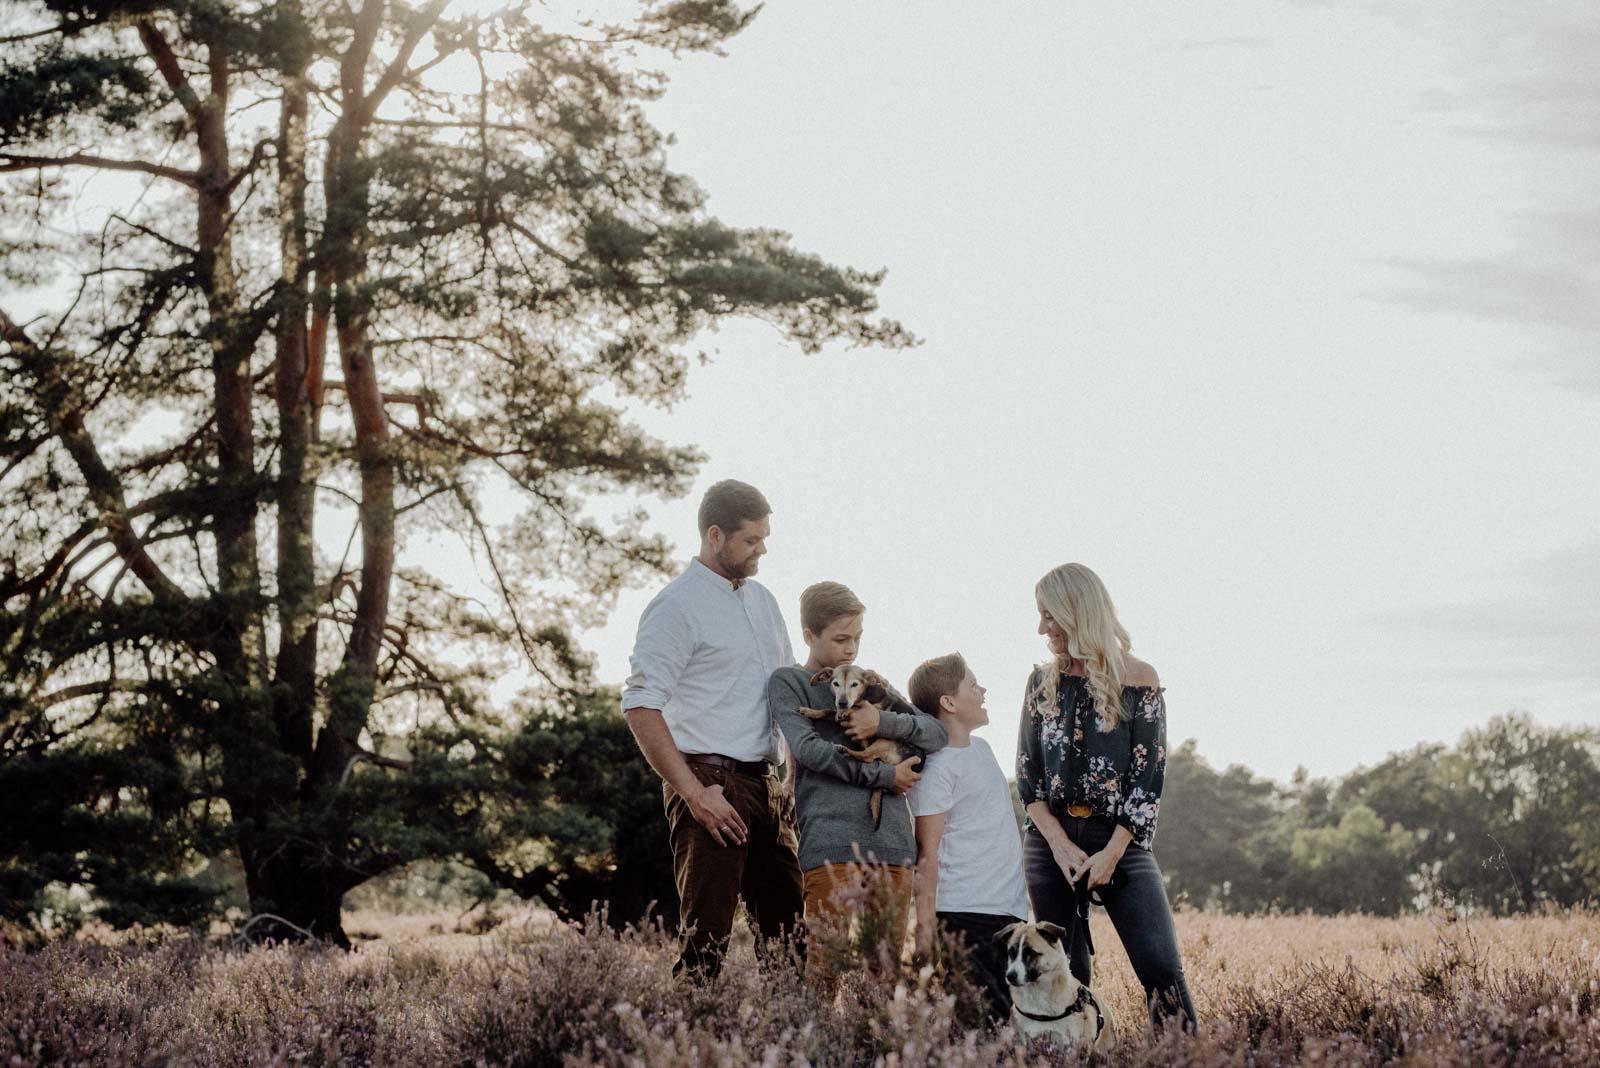 005-Familienfotos-Familienreportage-Heideshooting-natürlich-Heide